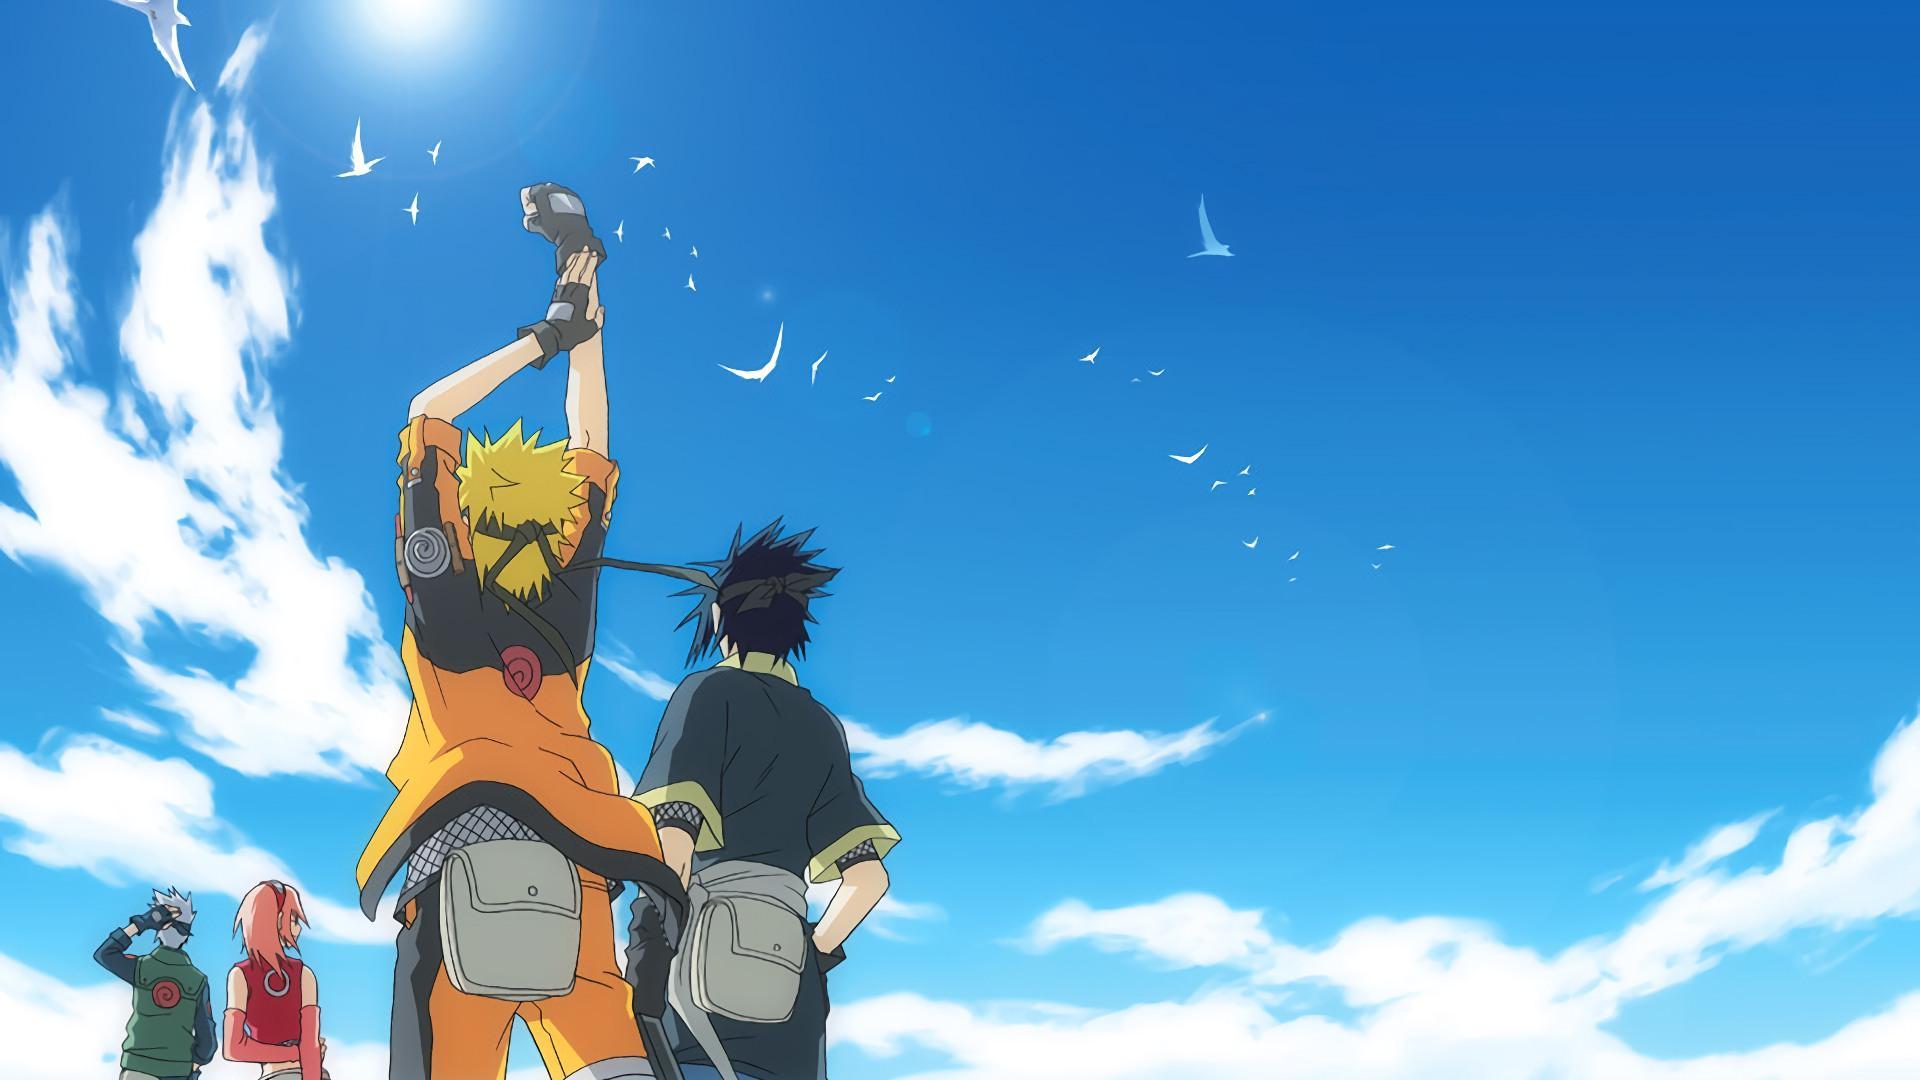 foto de Naruto Kakashi Wallpapers - Top Free Naruto Kakashi Backgrounds ...